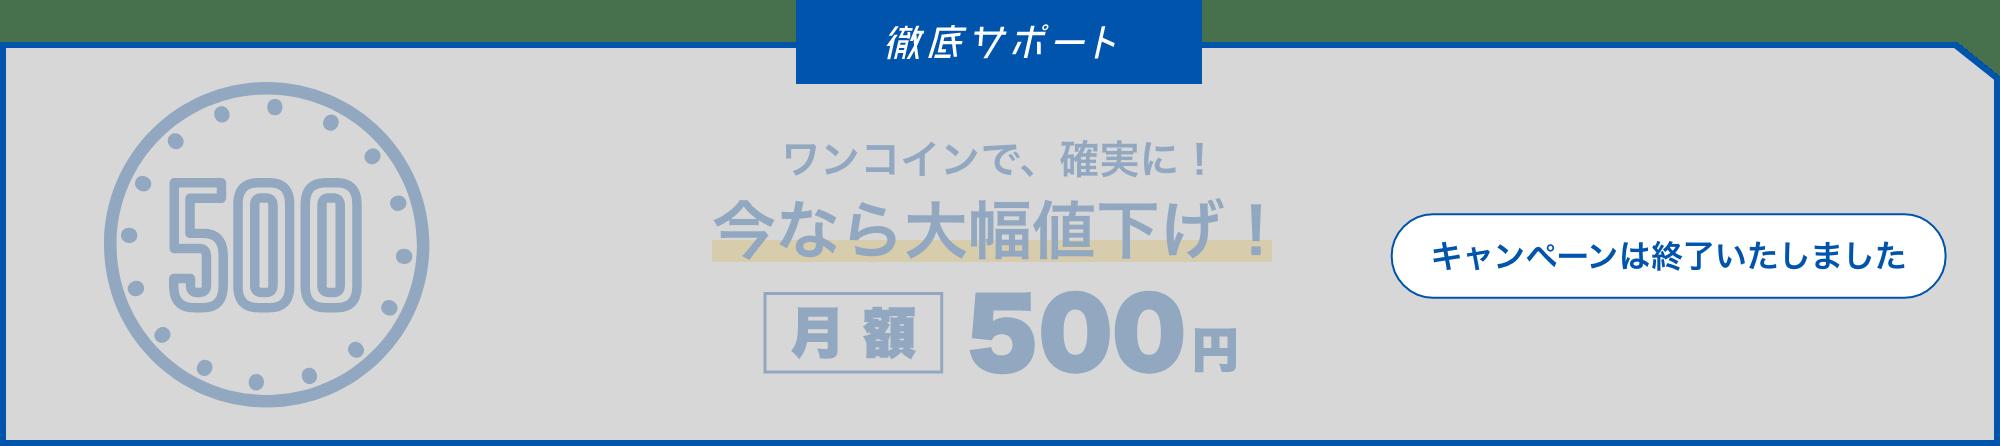 今なら月額500円